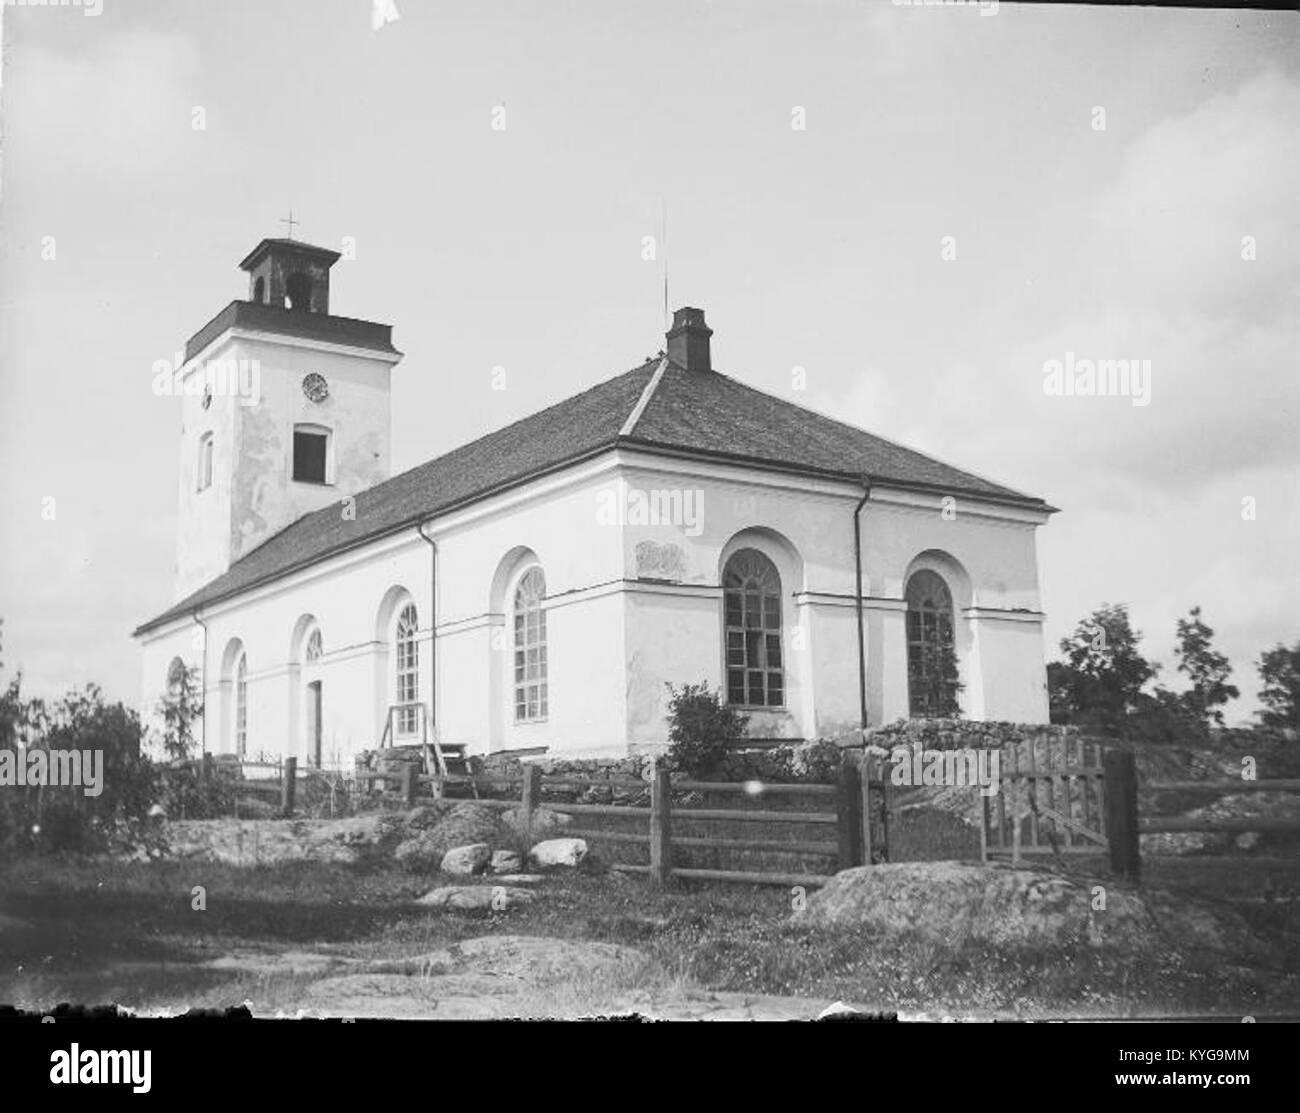 Rådmansö kyrka - KMB - 16000200127789 Banque D'Images